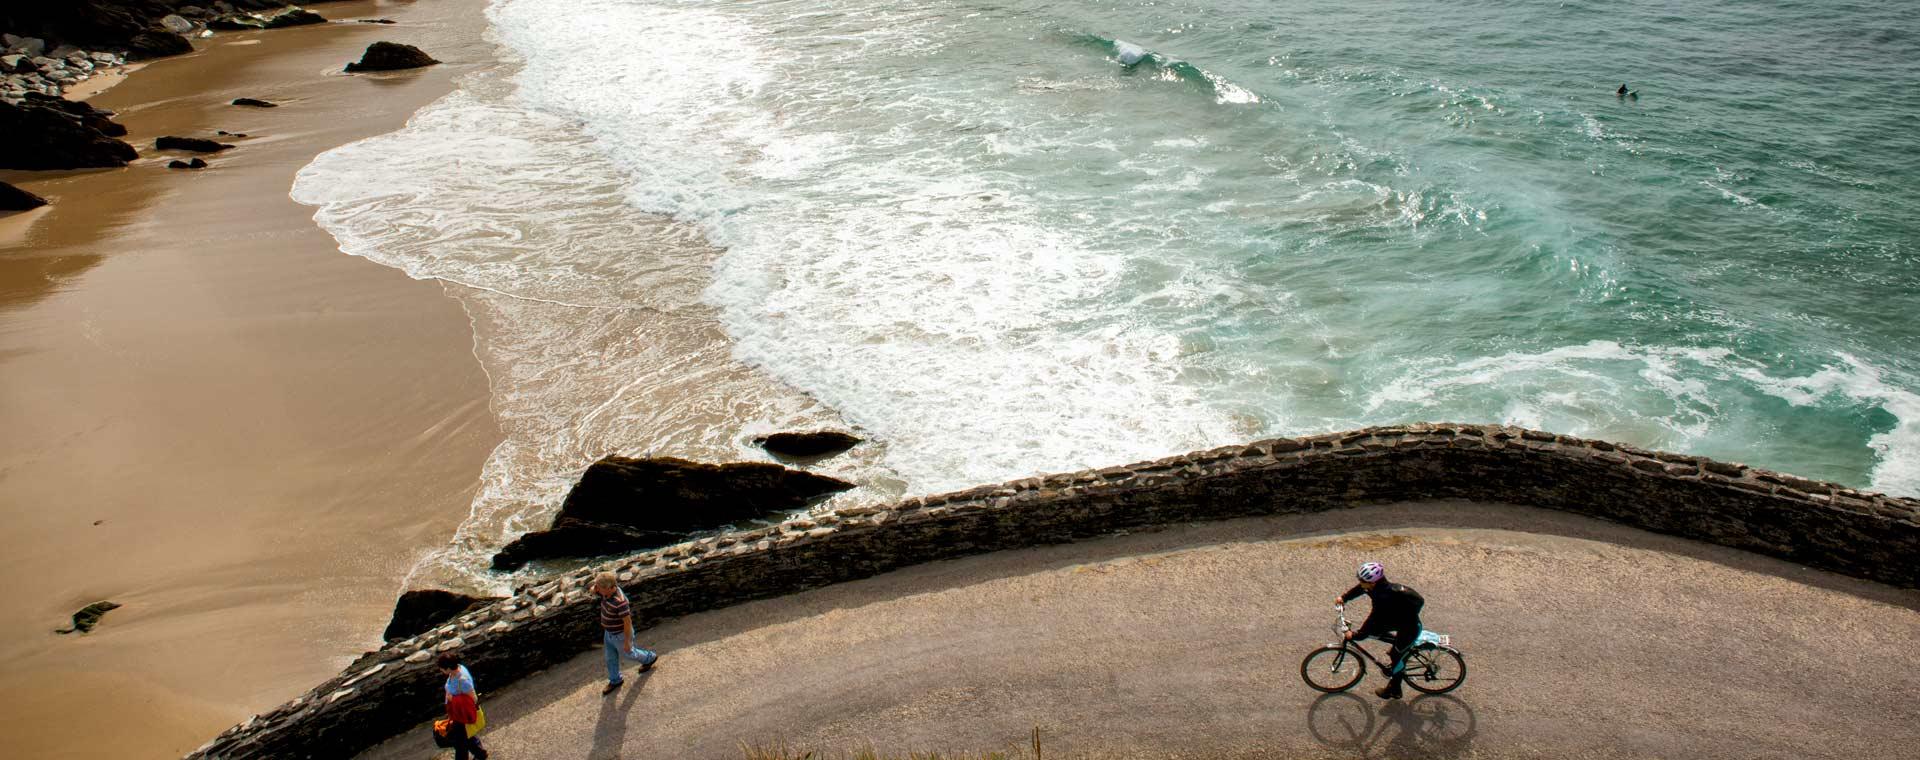 Image En roue libre sur la péninsule de Dingle